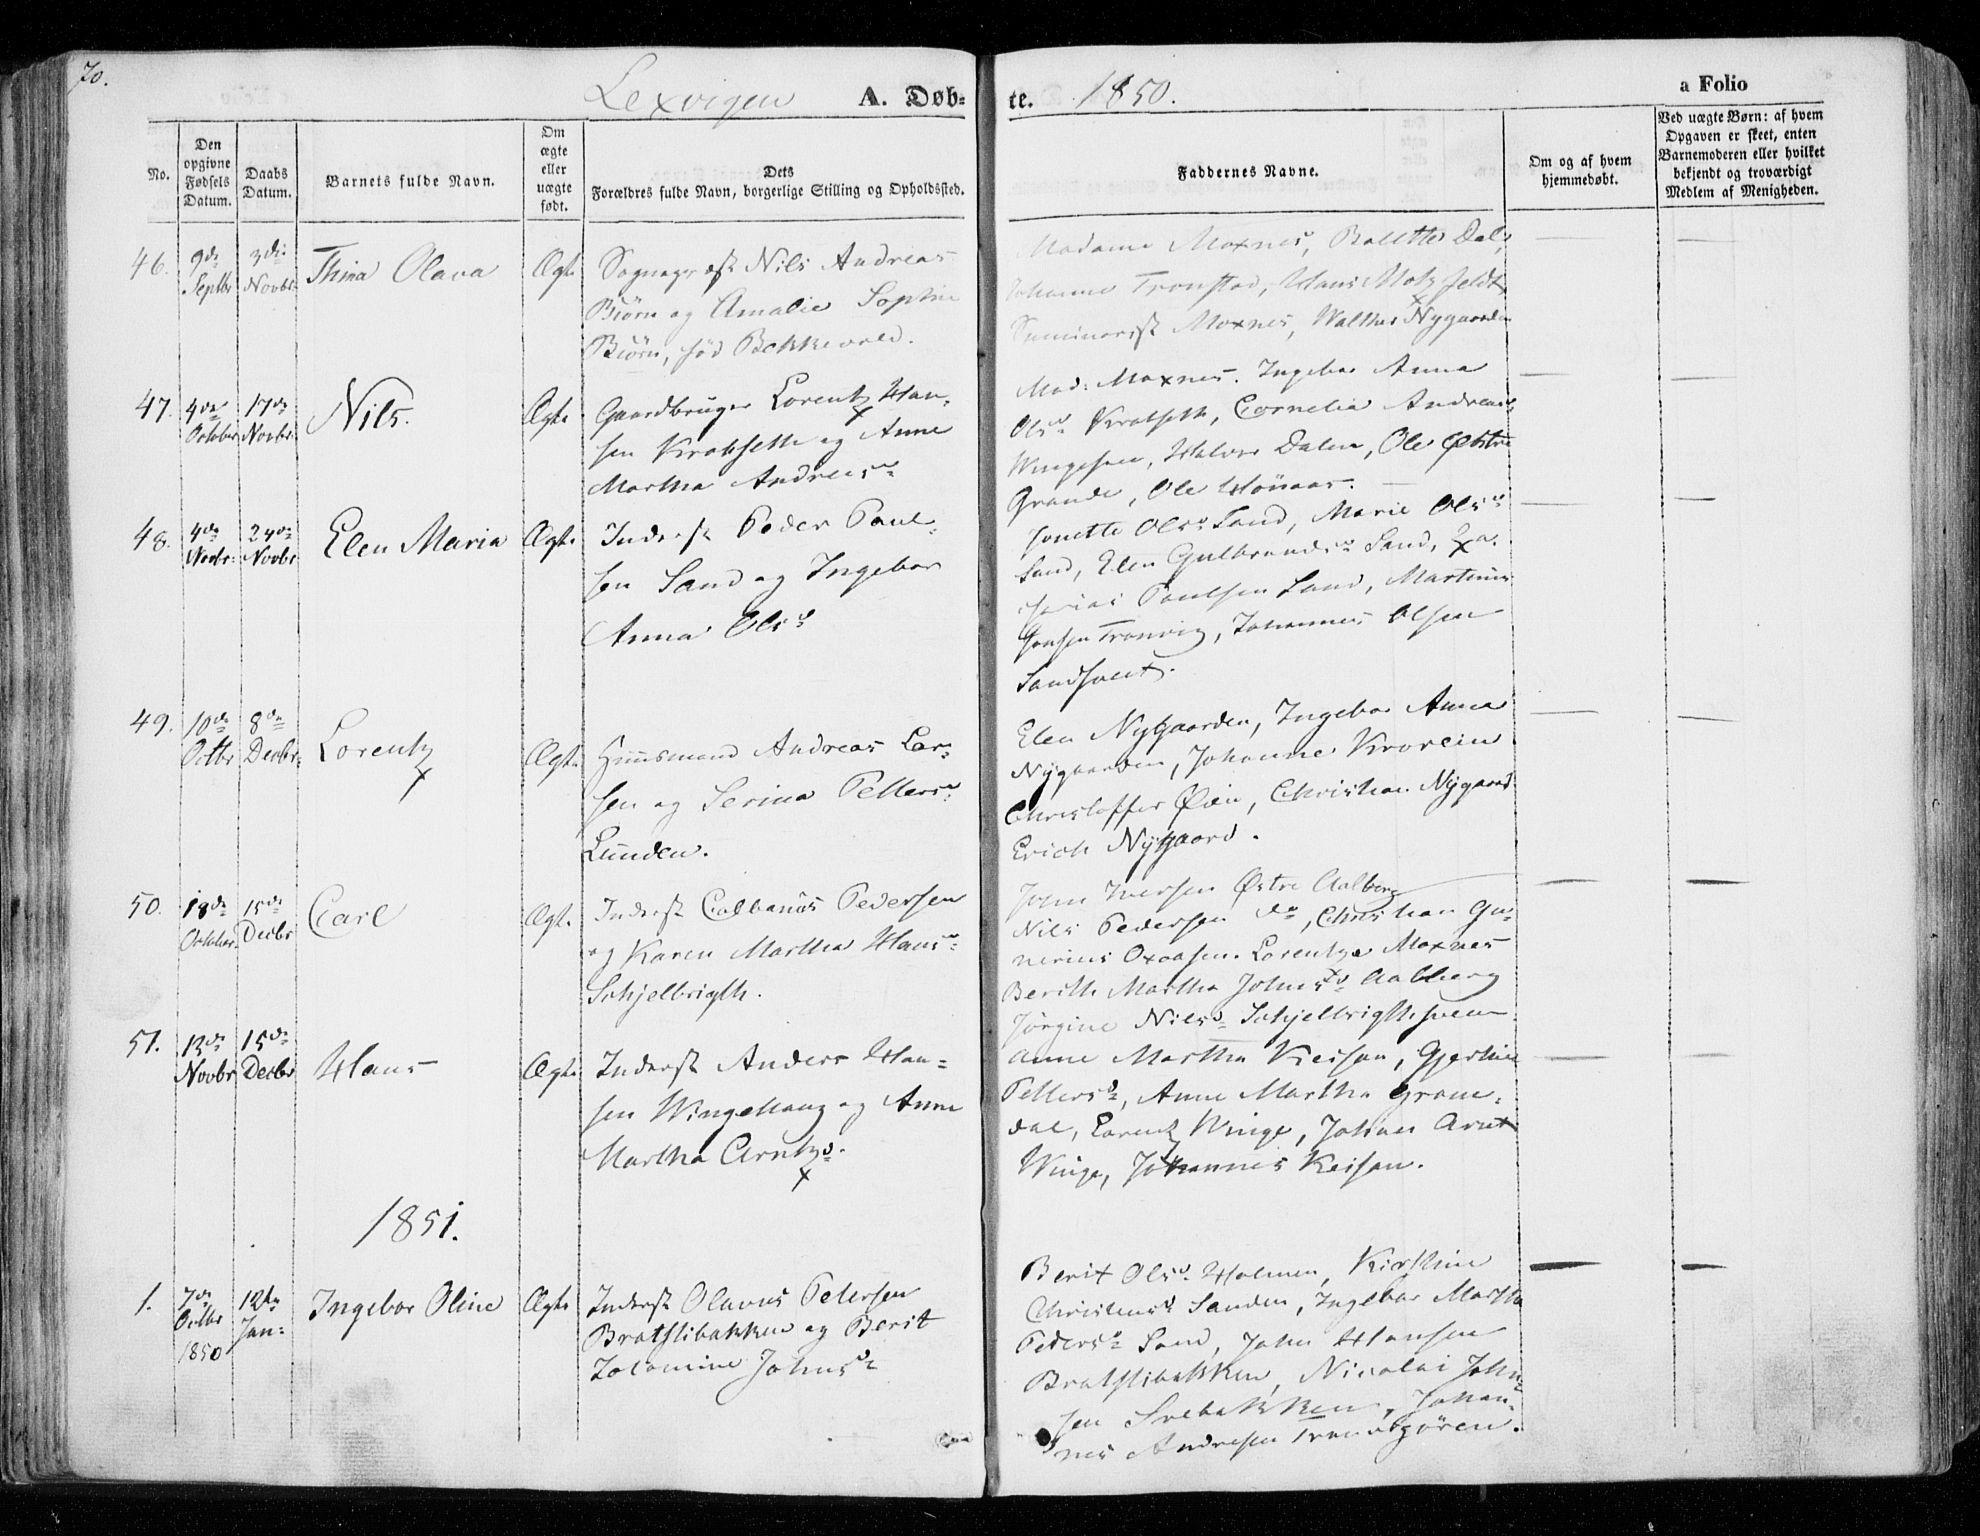 SAT, Ministerialprotokoller, klokkerbøker og fødselsregistre - Nord-Trøndelag, 701/L0007: Parish register (official) no. 701A07 /1, 1842-1854, p. 70